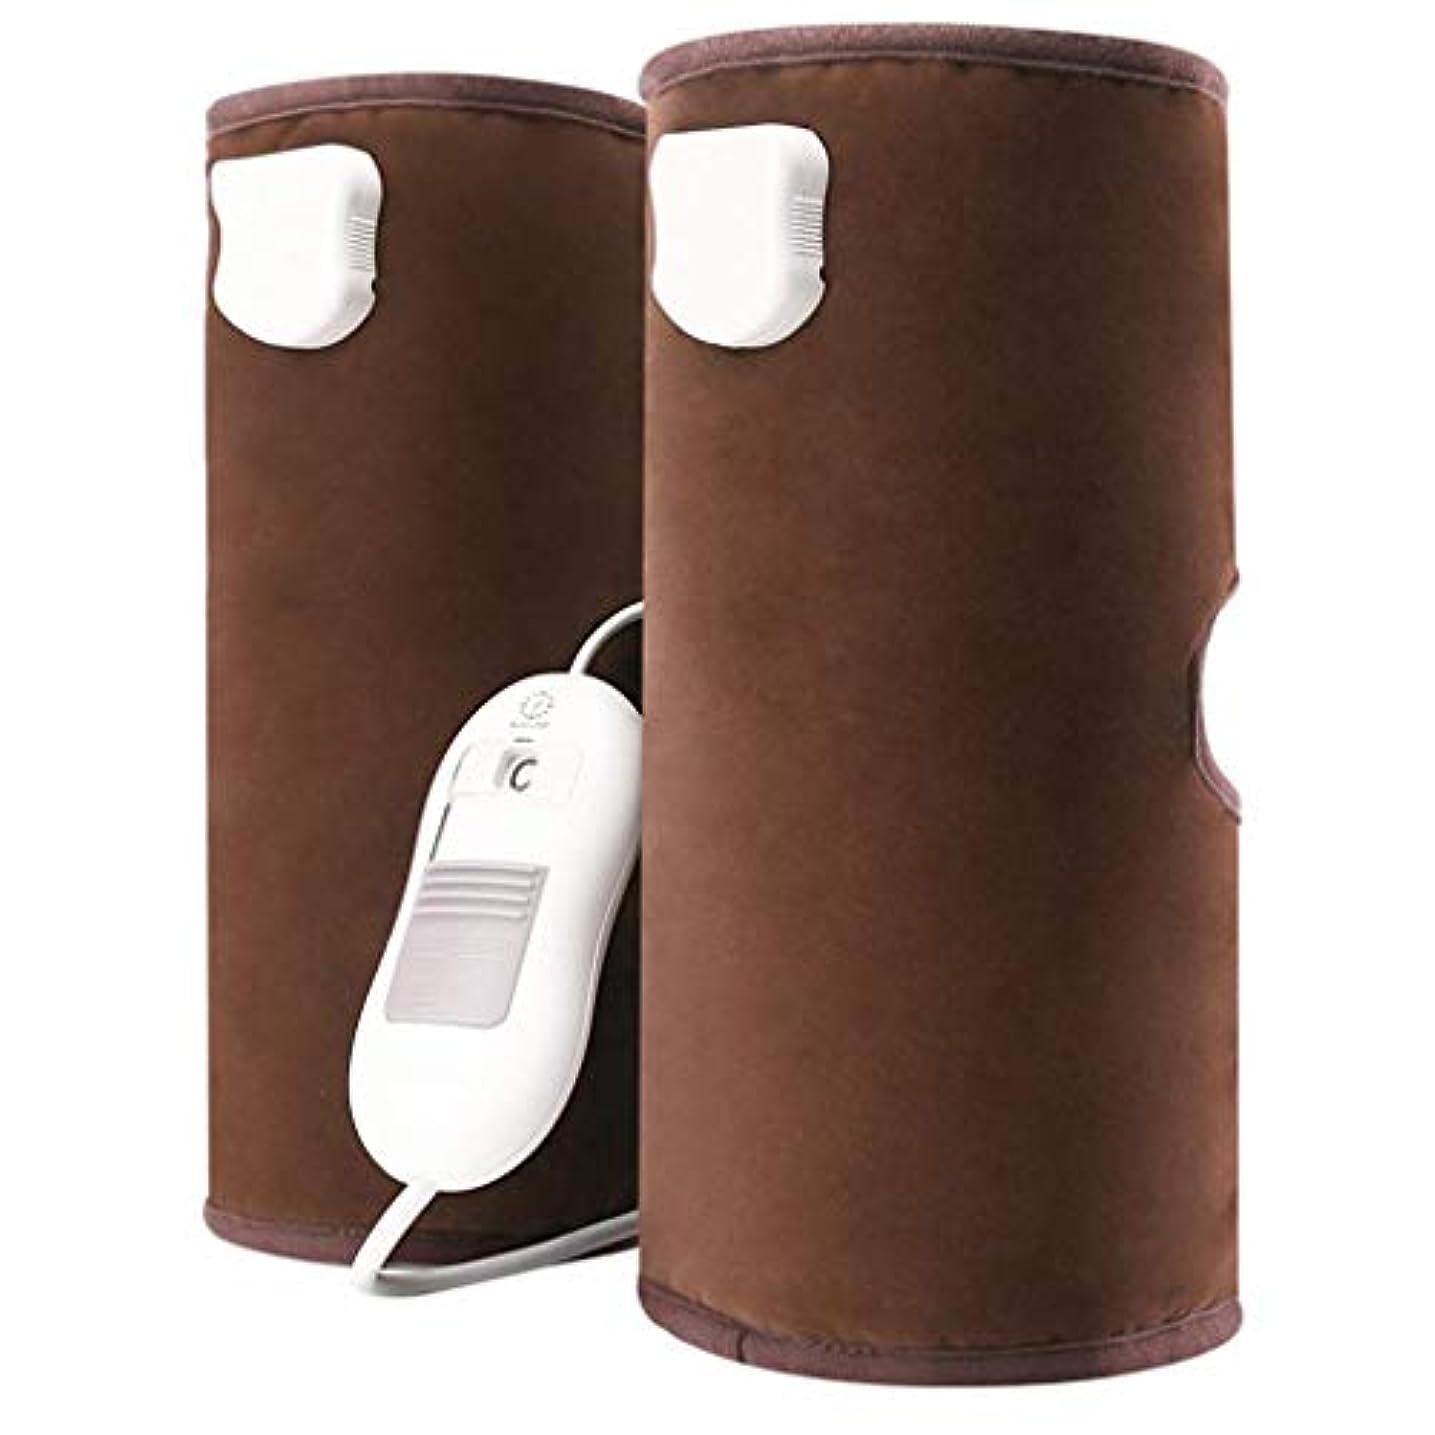 憧れフレームワークハシー循環と筋肉の痛みを軽減するための電熱膝パッド空気圧縮脚マッサージ、(青、赤、茶色)父の日ギフト,Brown